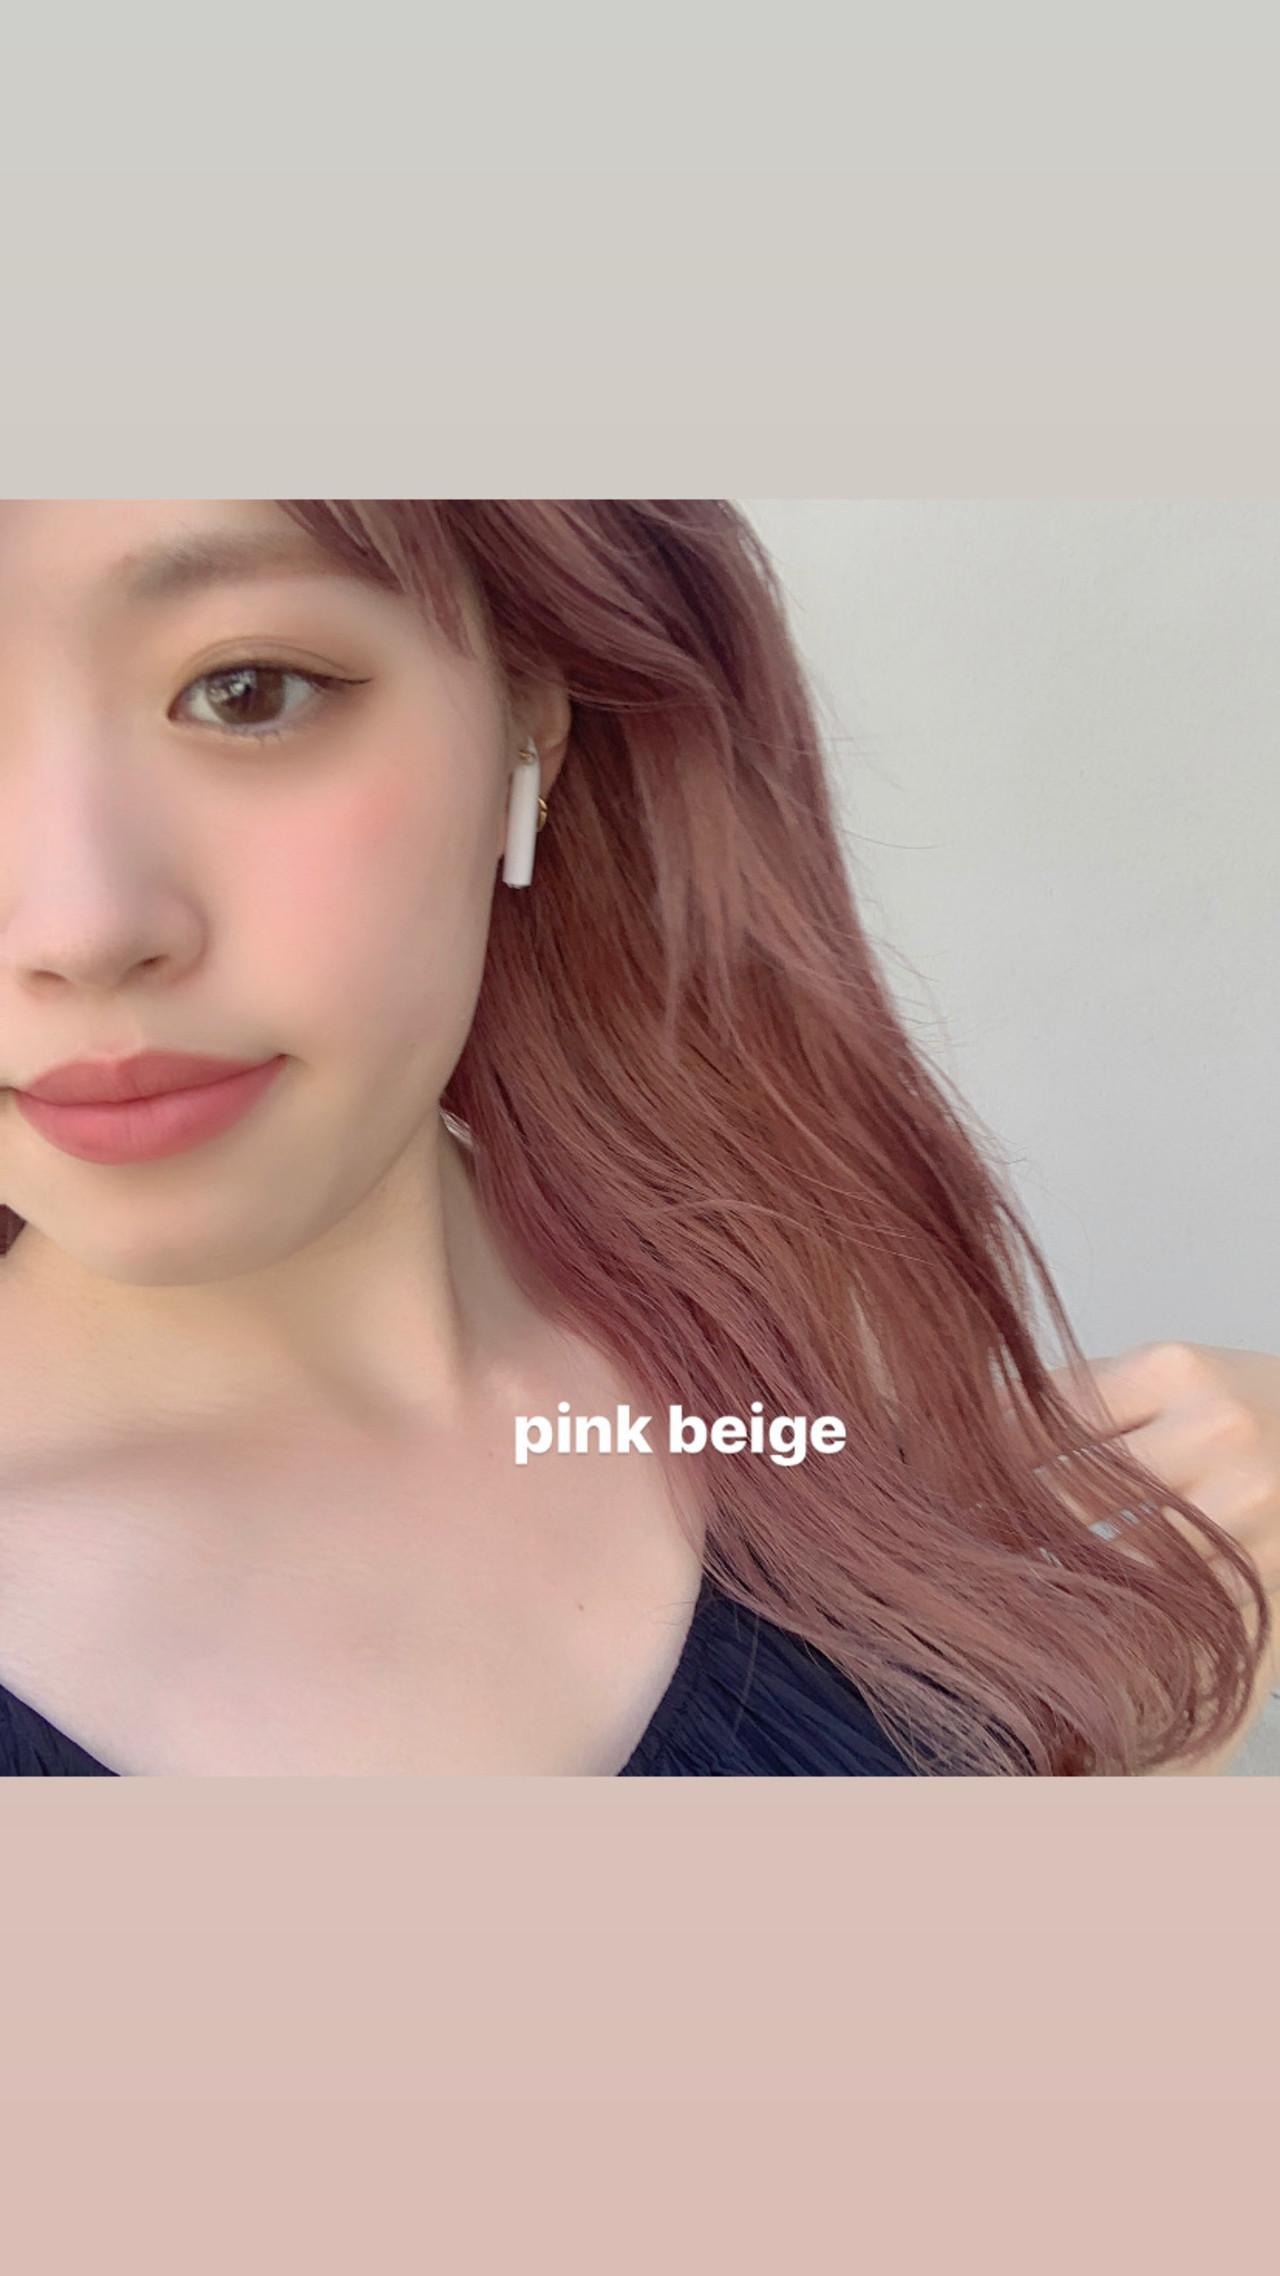 ベリーピンク ウルフカット ヘアアレンジ フェミニン ヘアスタイルや髪型の写真・画像